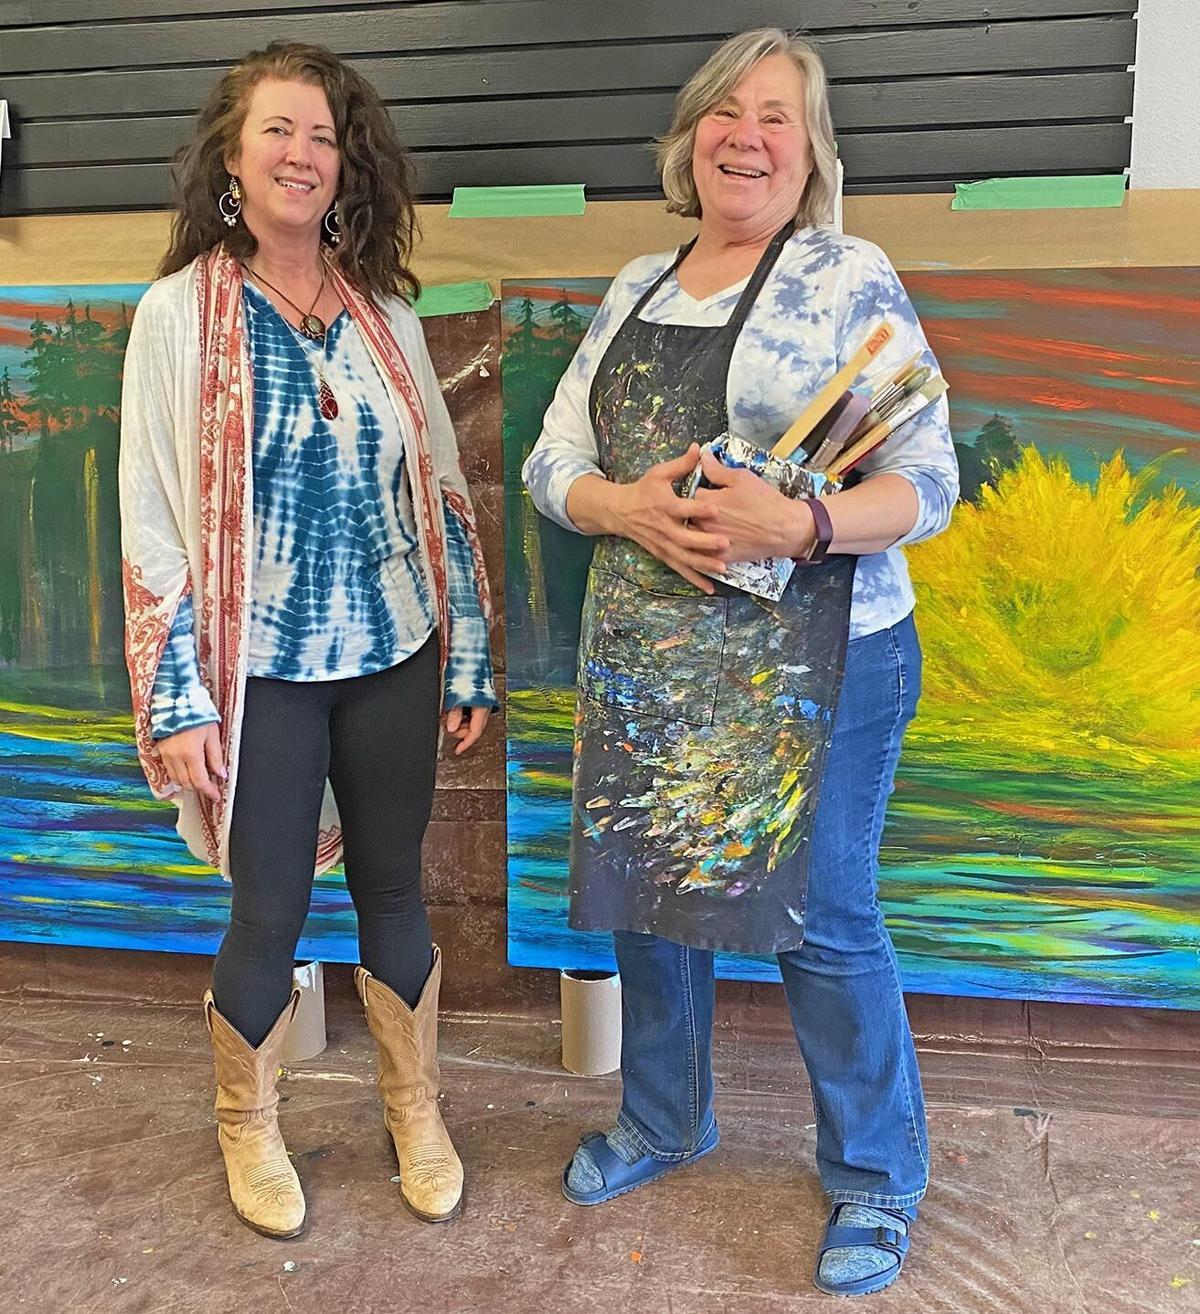 Shelley Ausmus stands with artist Bette Lu Krause